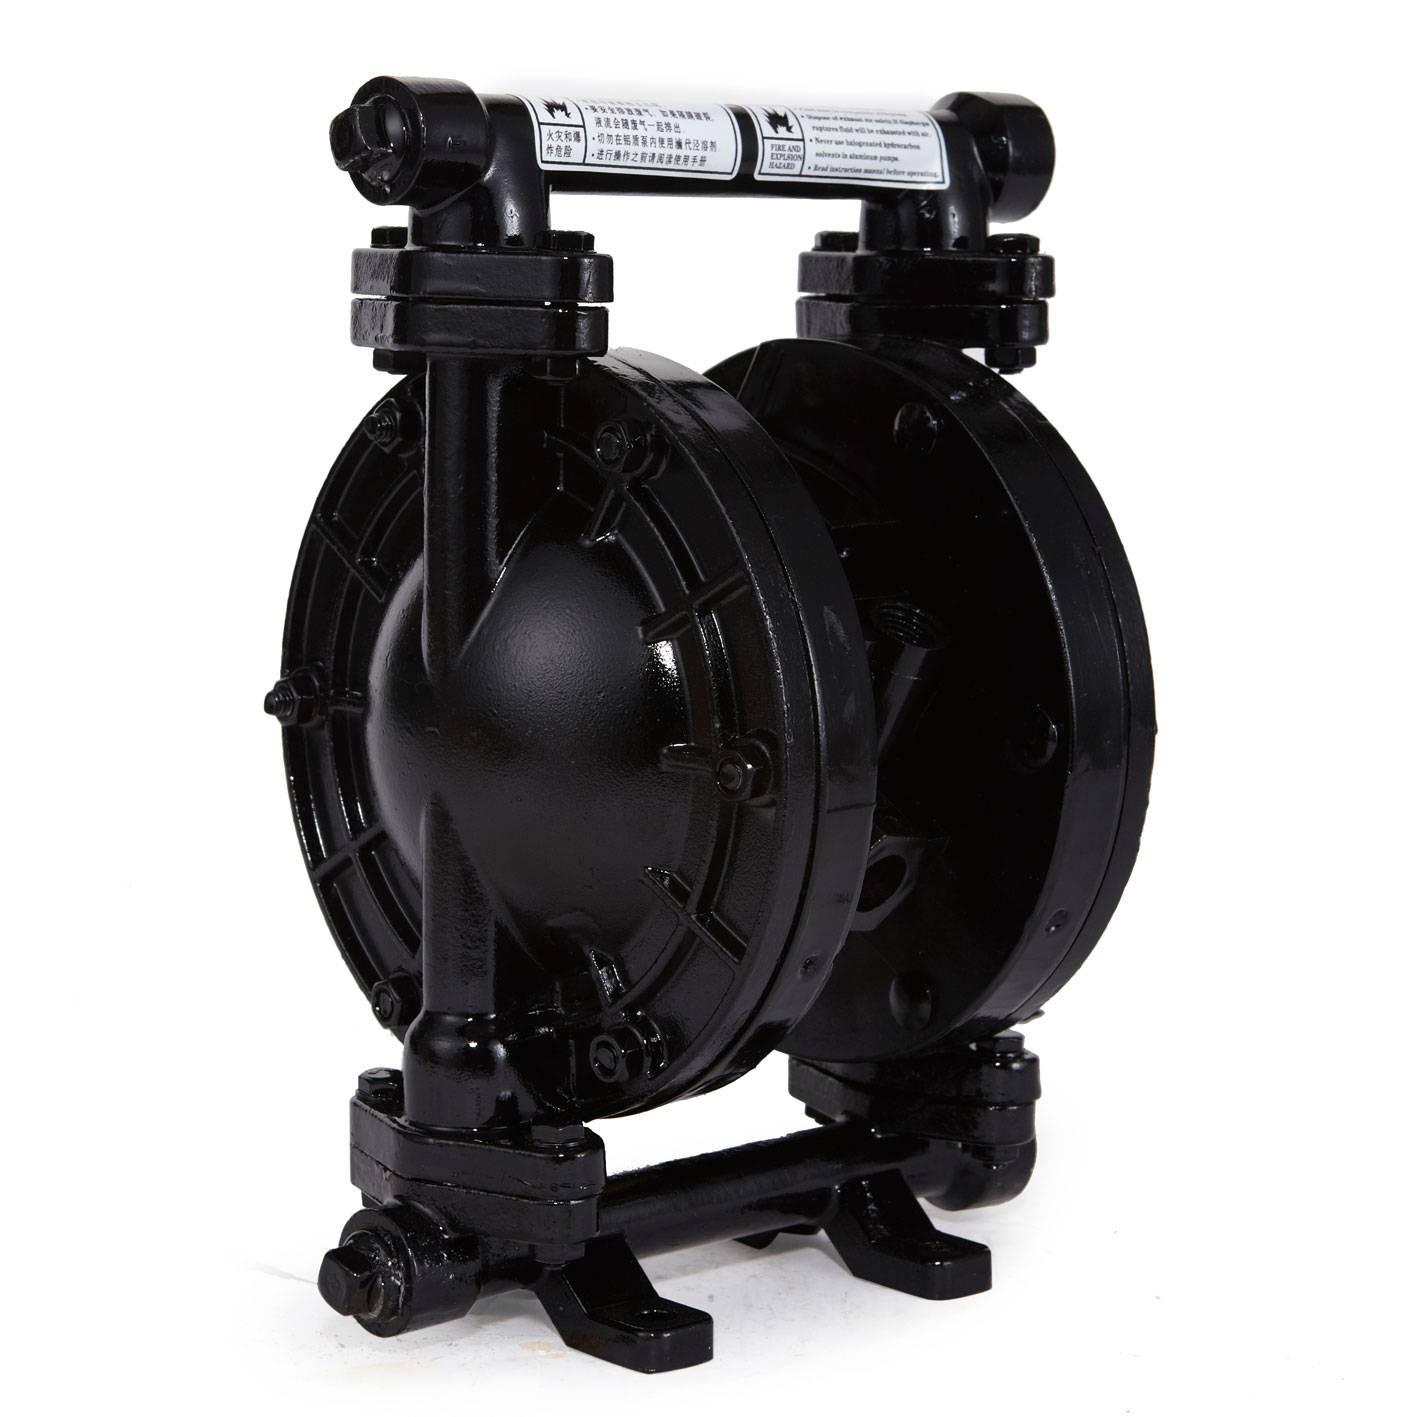 QBY3- 10/15 Air Operated Diaphragm Pump